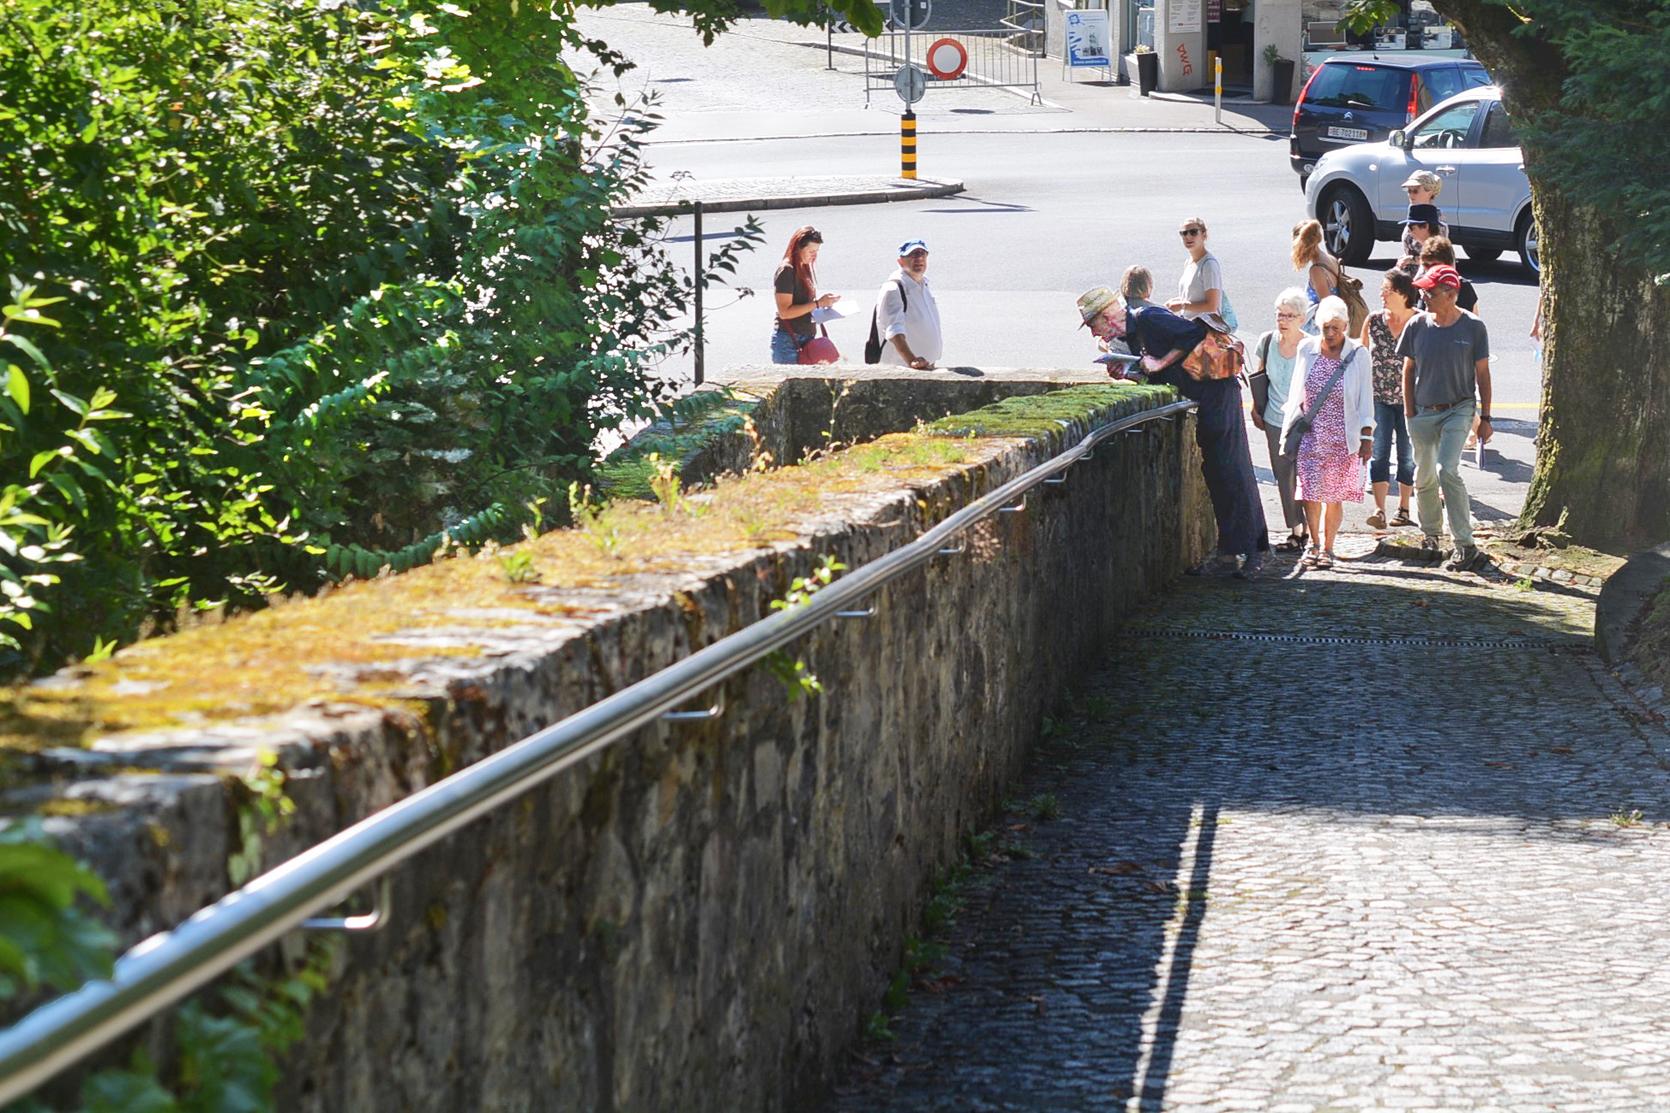 Die Römerquelle ist erreicht.Hier ist sie noch sichtbar, Ihr Weg durch die Altsatdt bahnt sie sich unterirdisch,